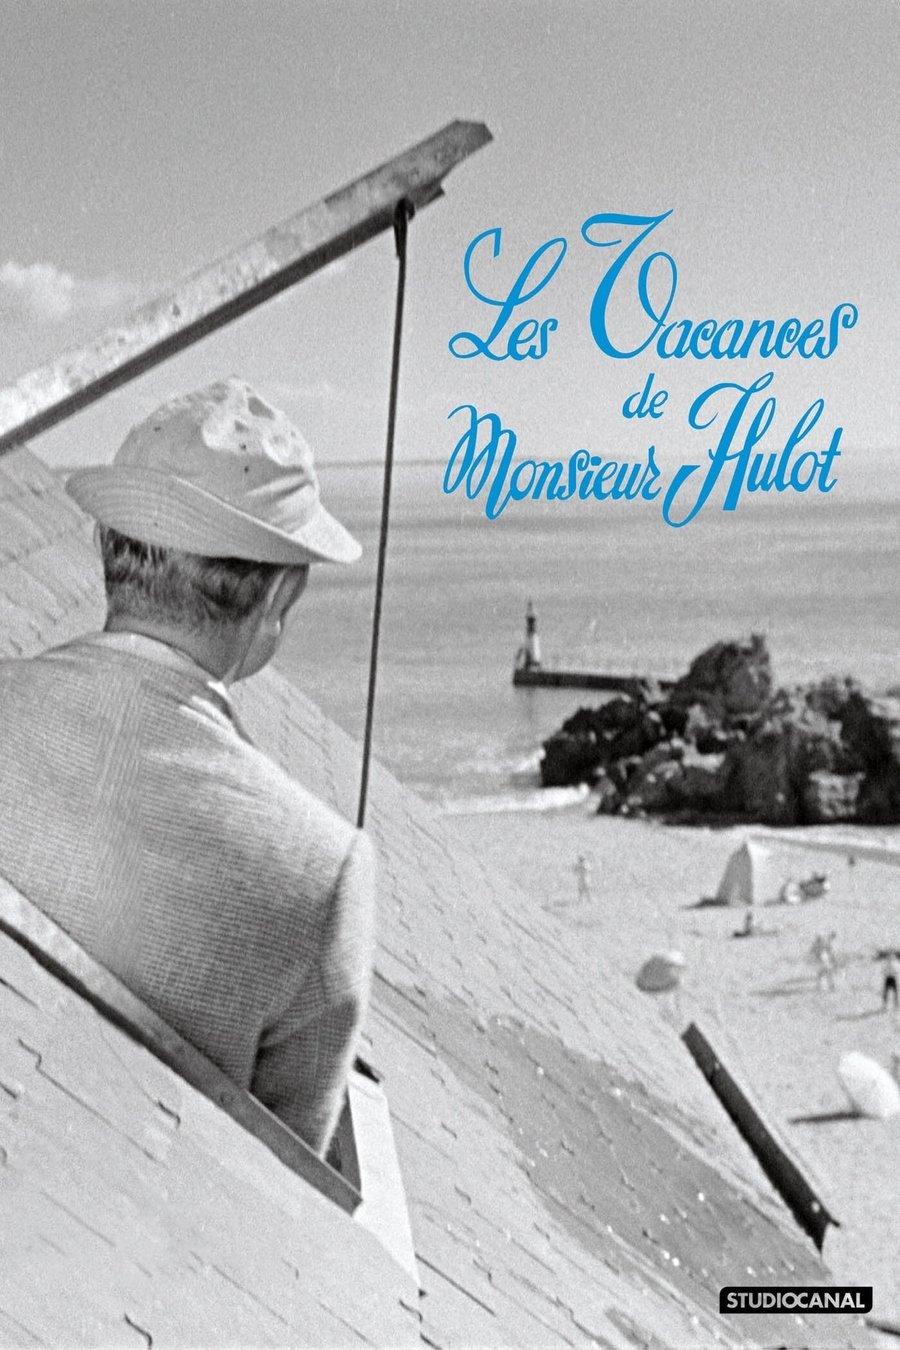 Les vacances del Sr. Hulot